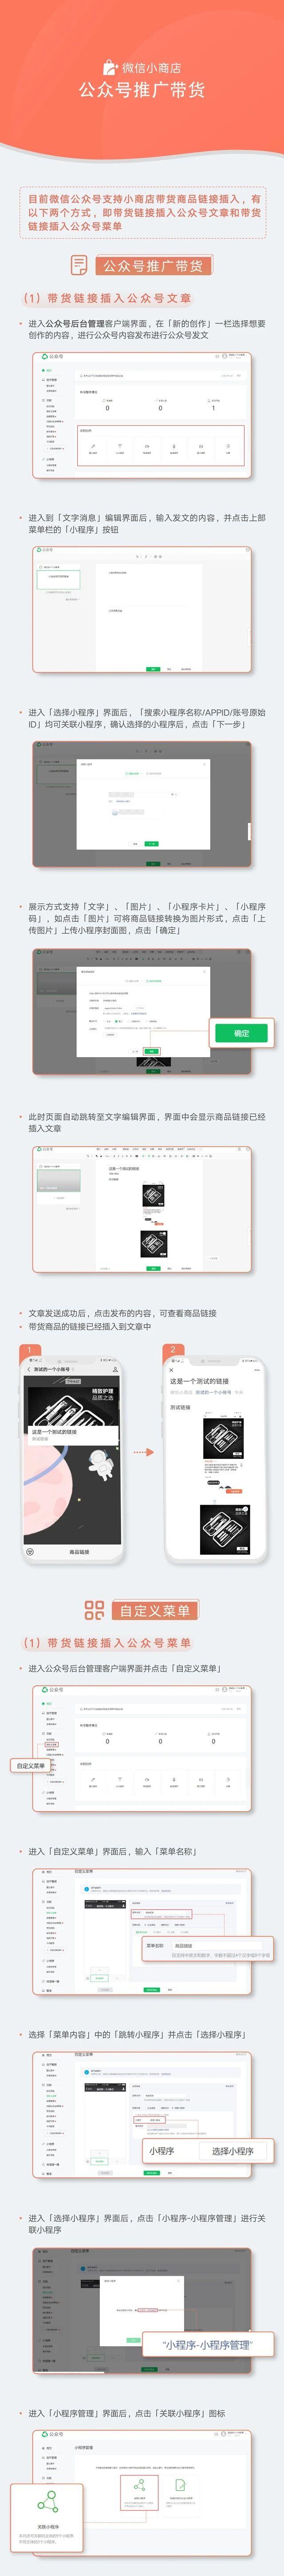 微信小商店公众号推广带货!